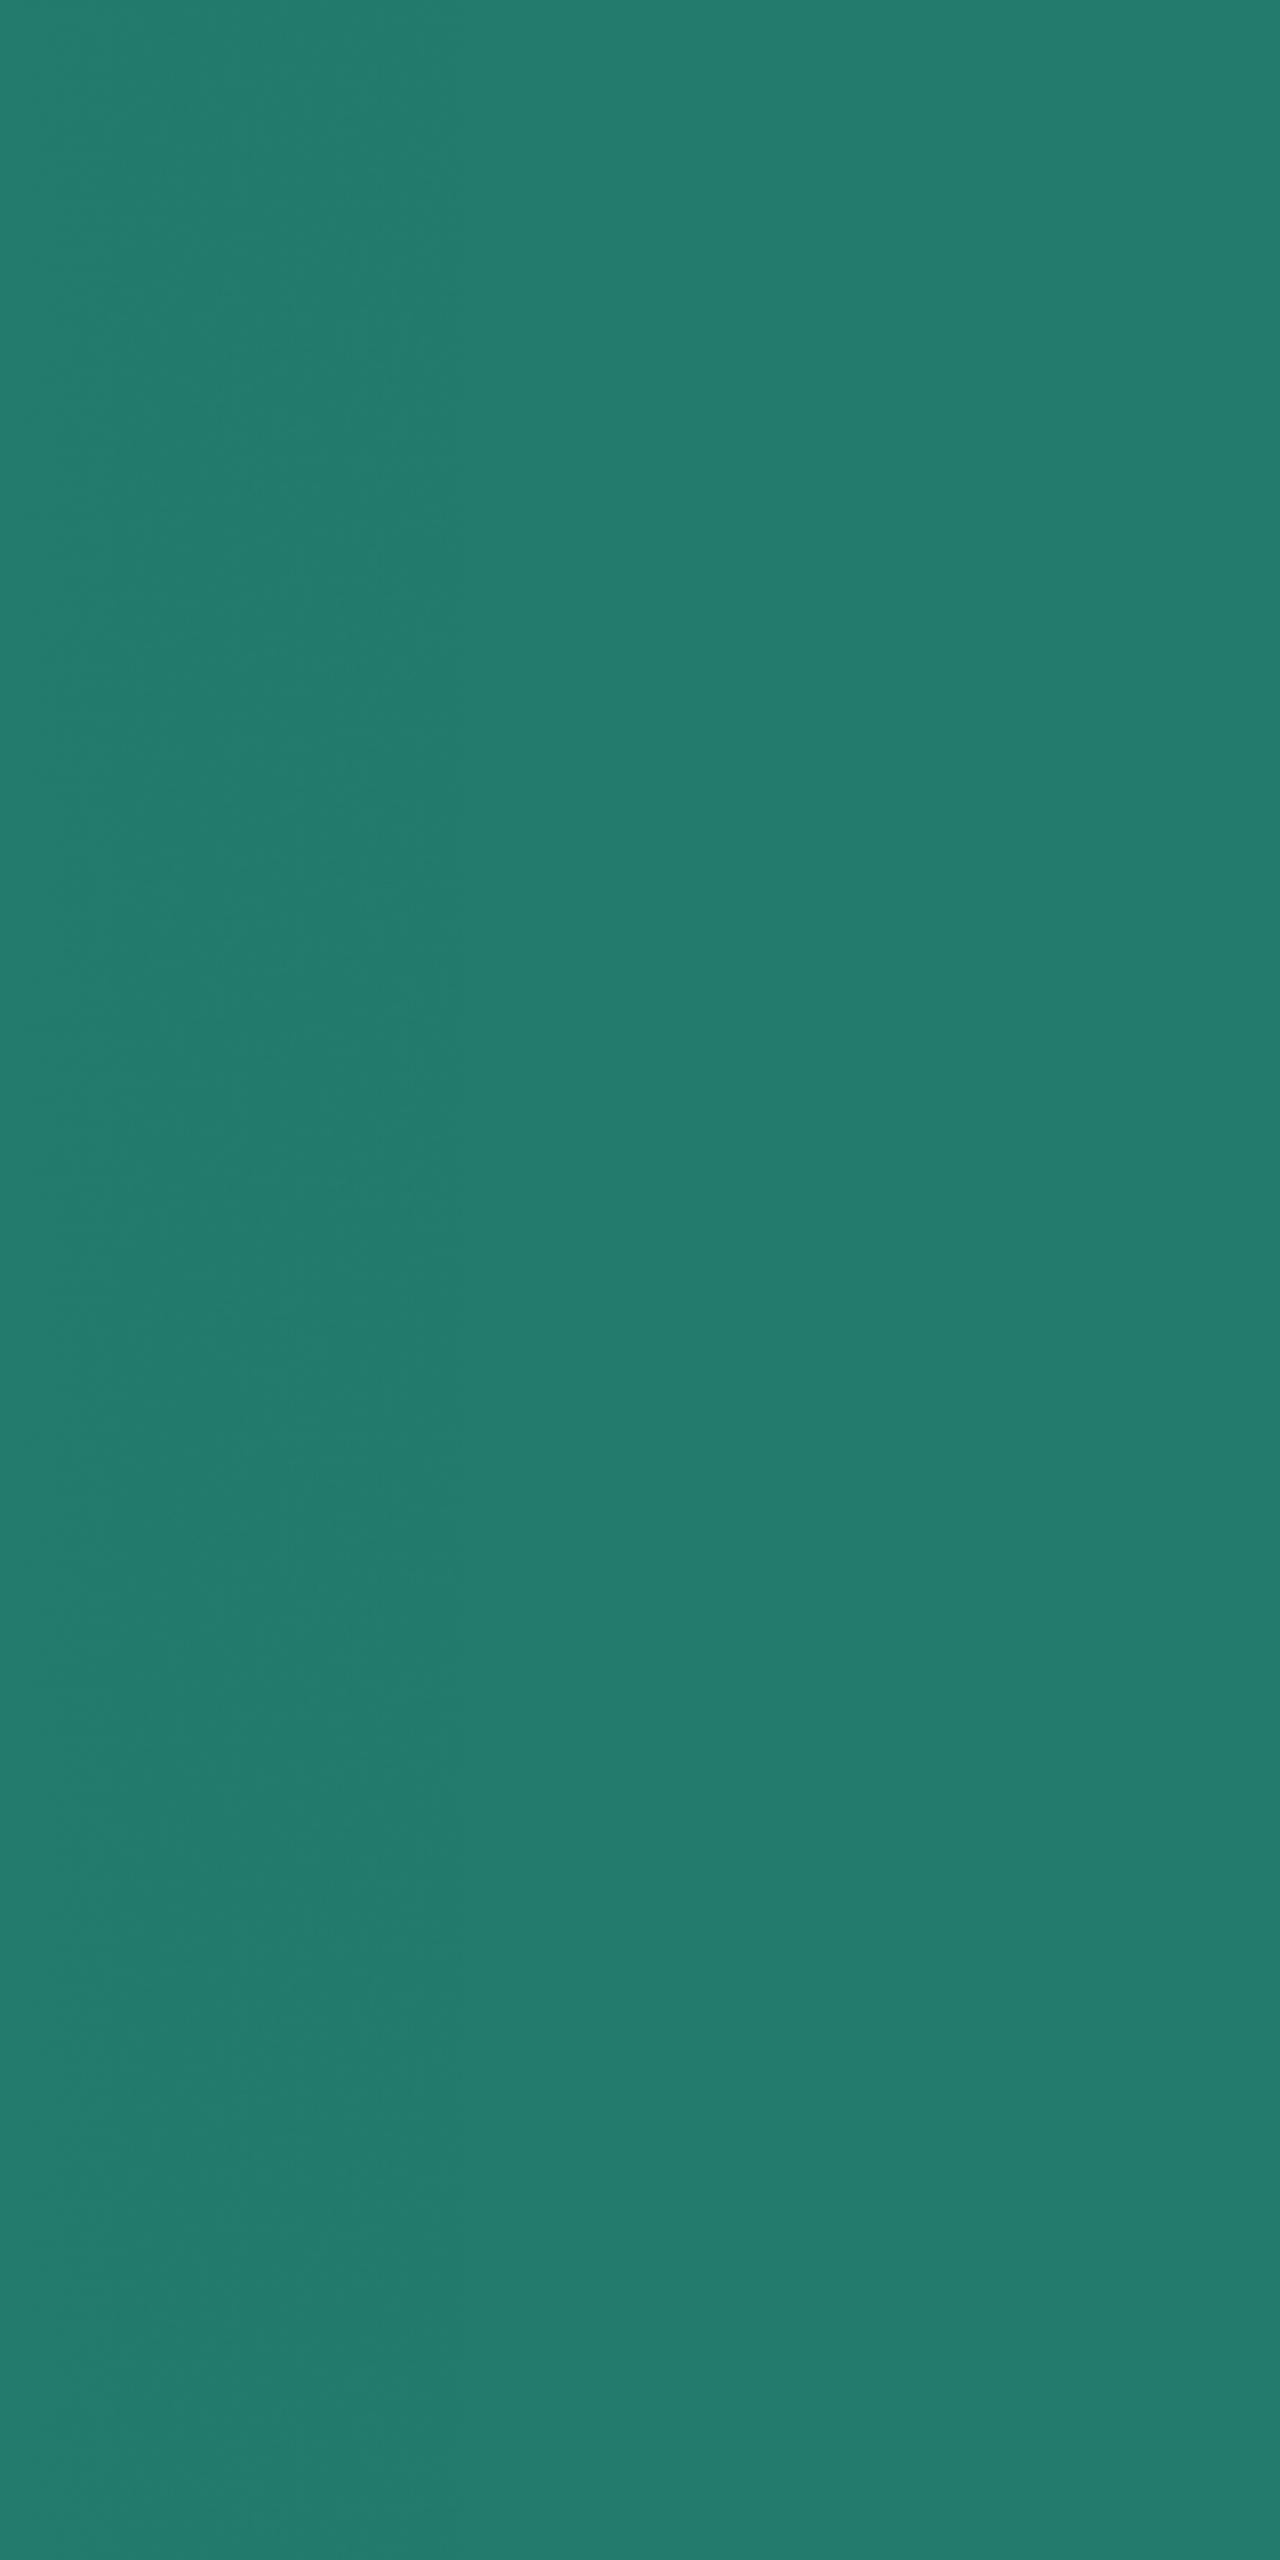 Buildtech 2.0 Bold Colors Teal Matte 6mm 60 x 120